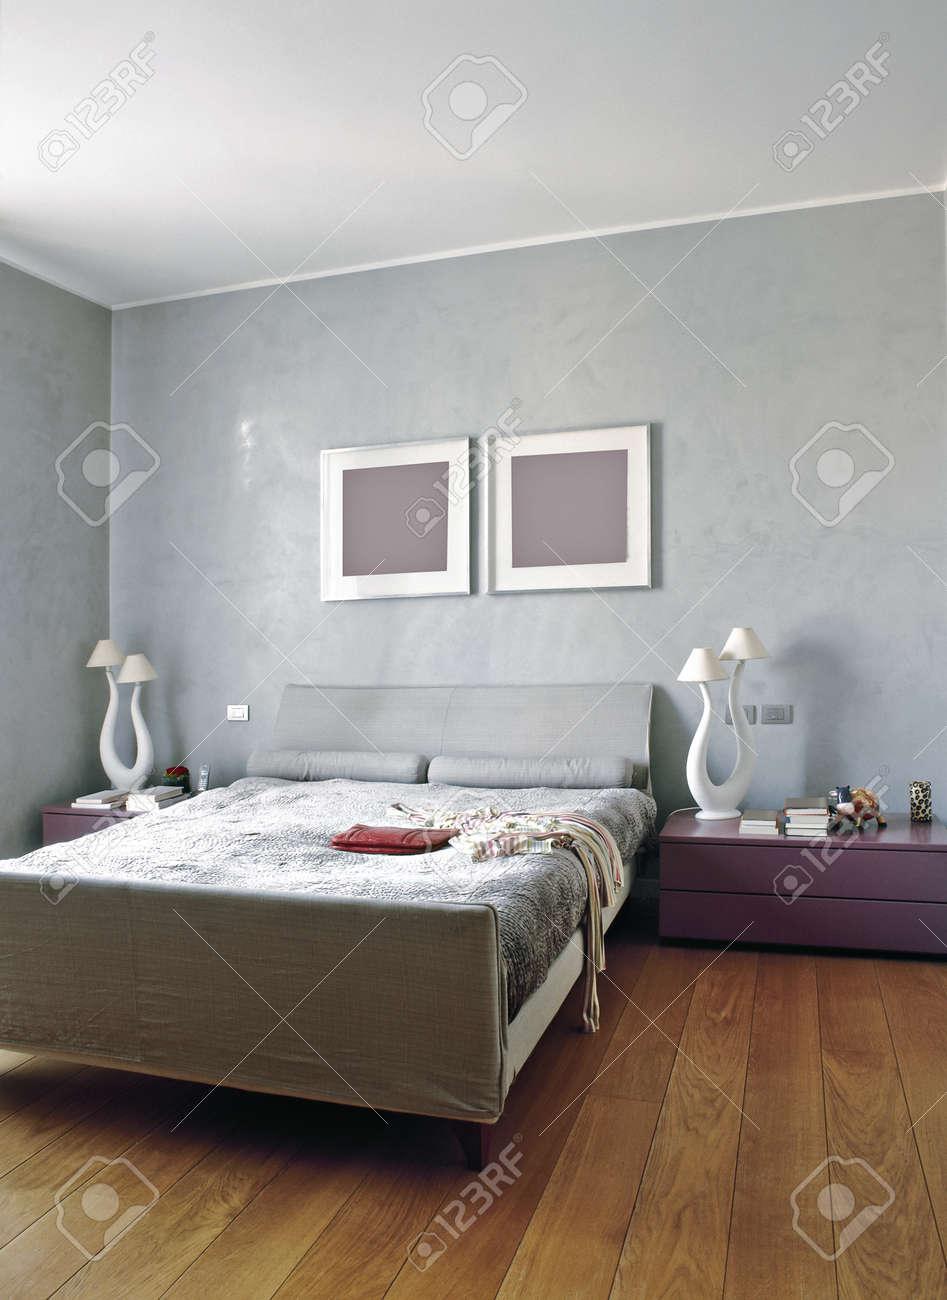 Moderna sovrum med trägolv royalty fria stockfoton, bilder ...